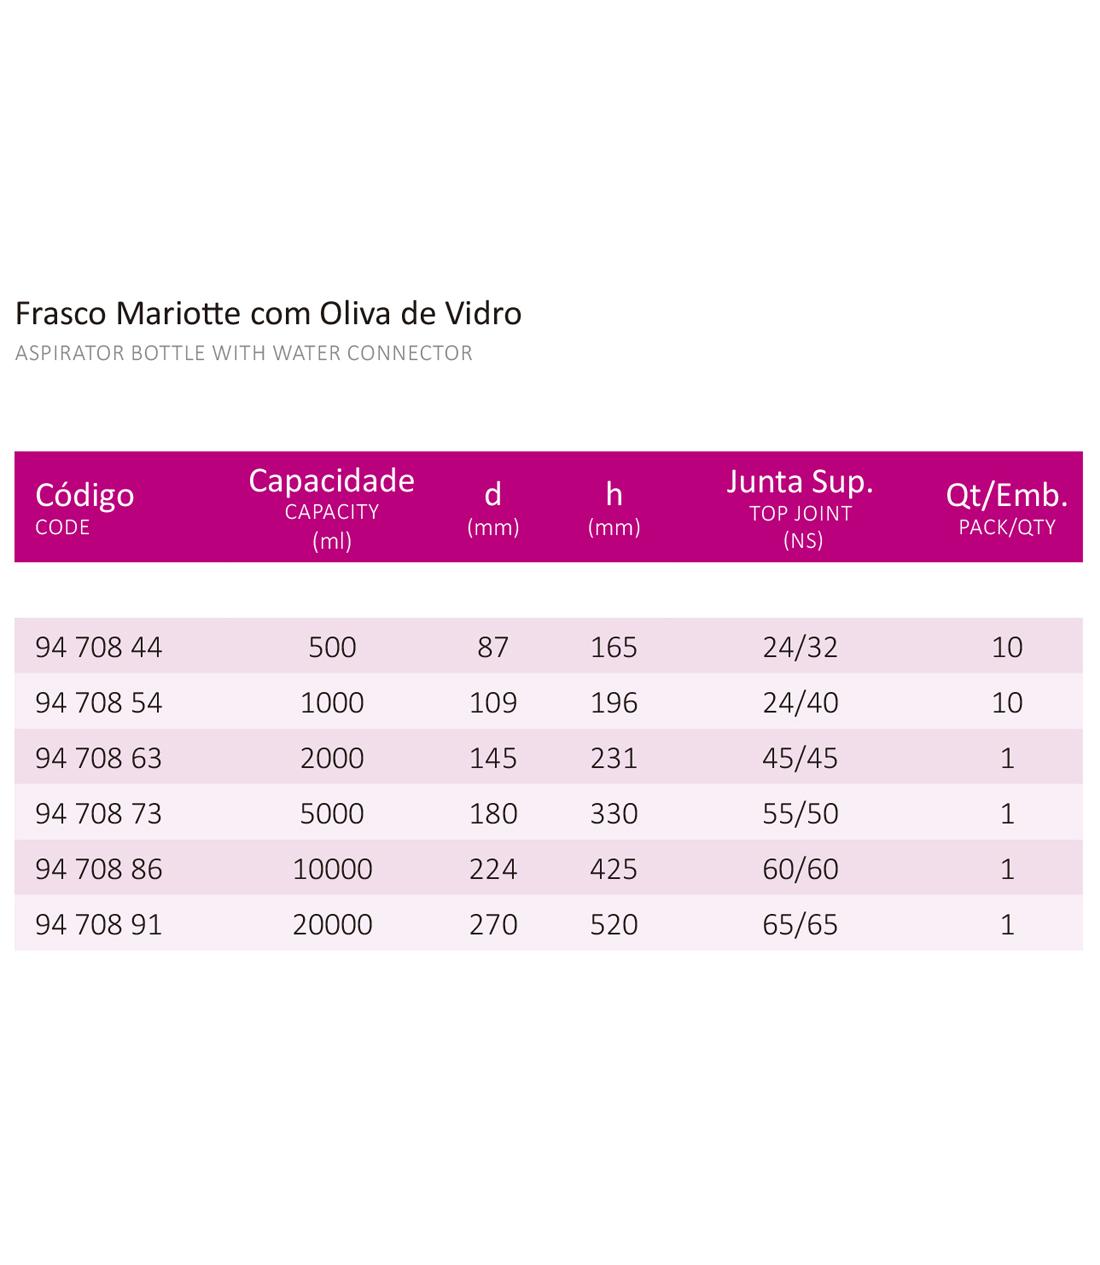 FRASCO MARIOTTE C/ OLIVA DE VIDRO 5000 ML - Laborglas - Cód. 9470873